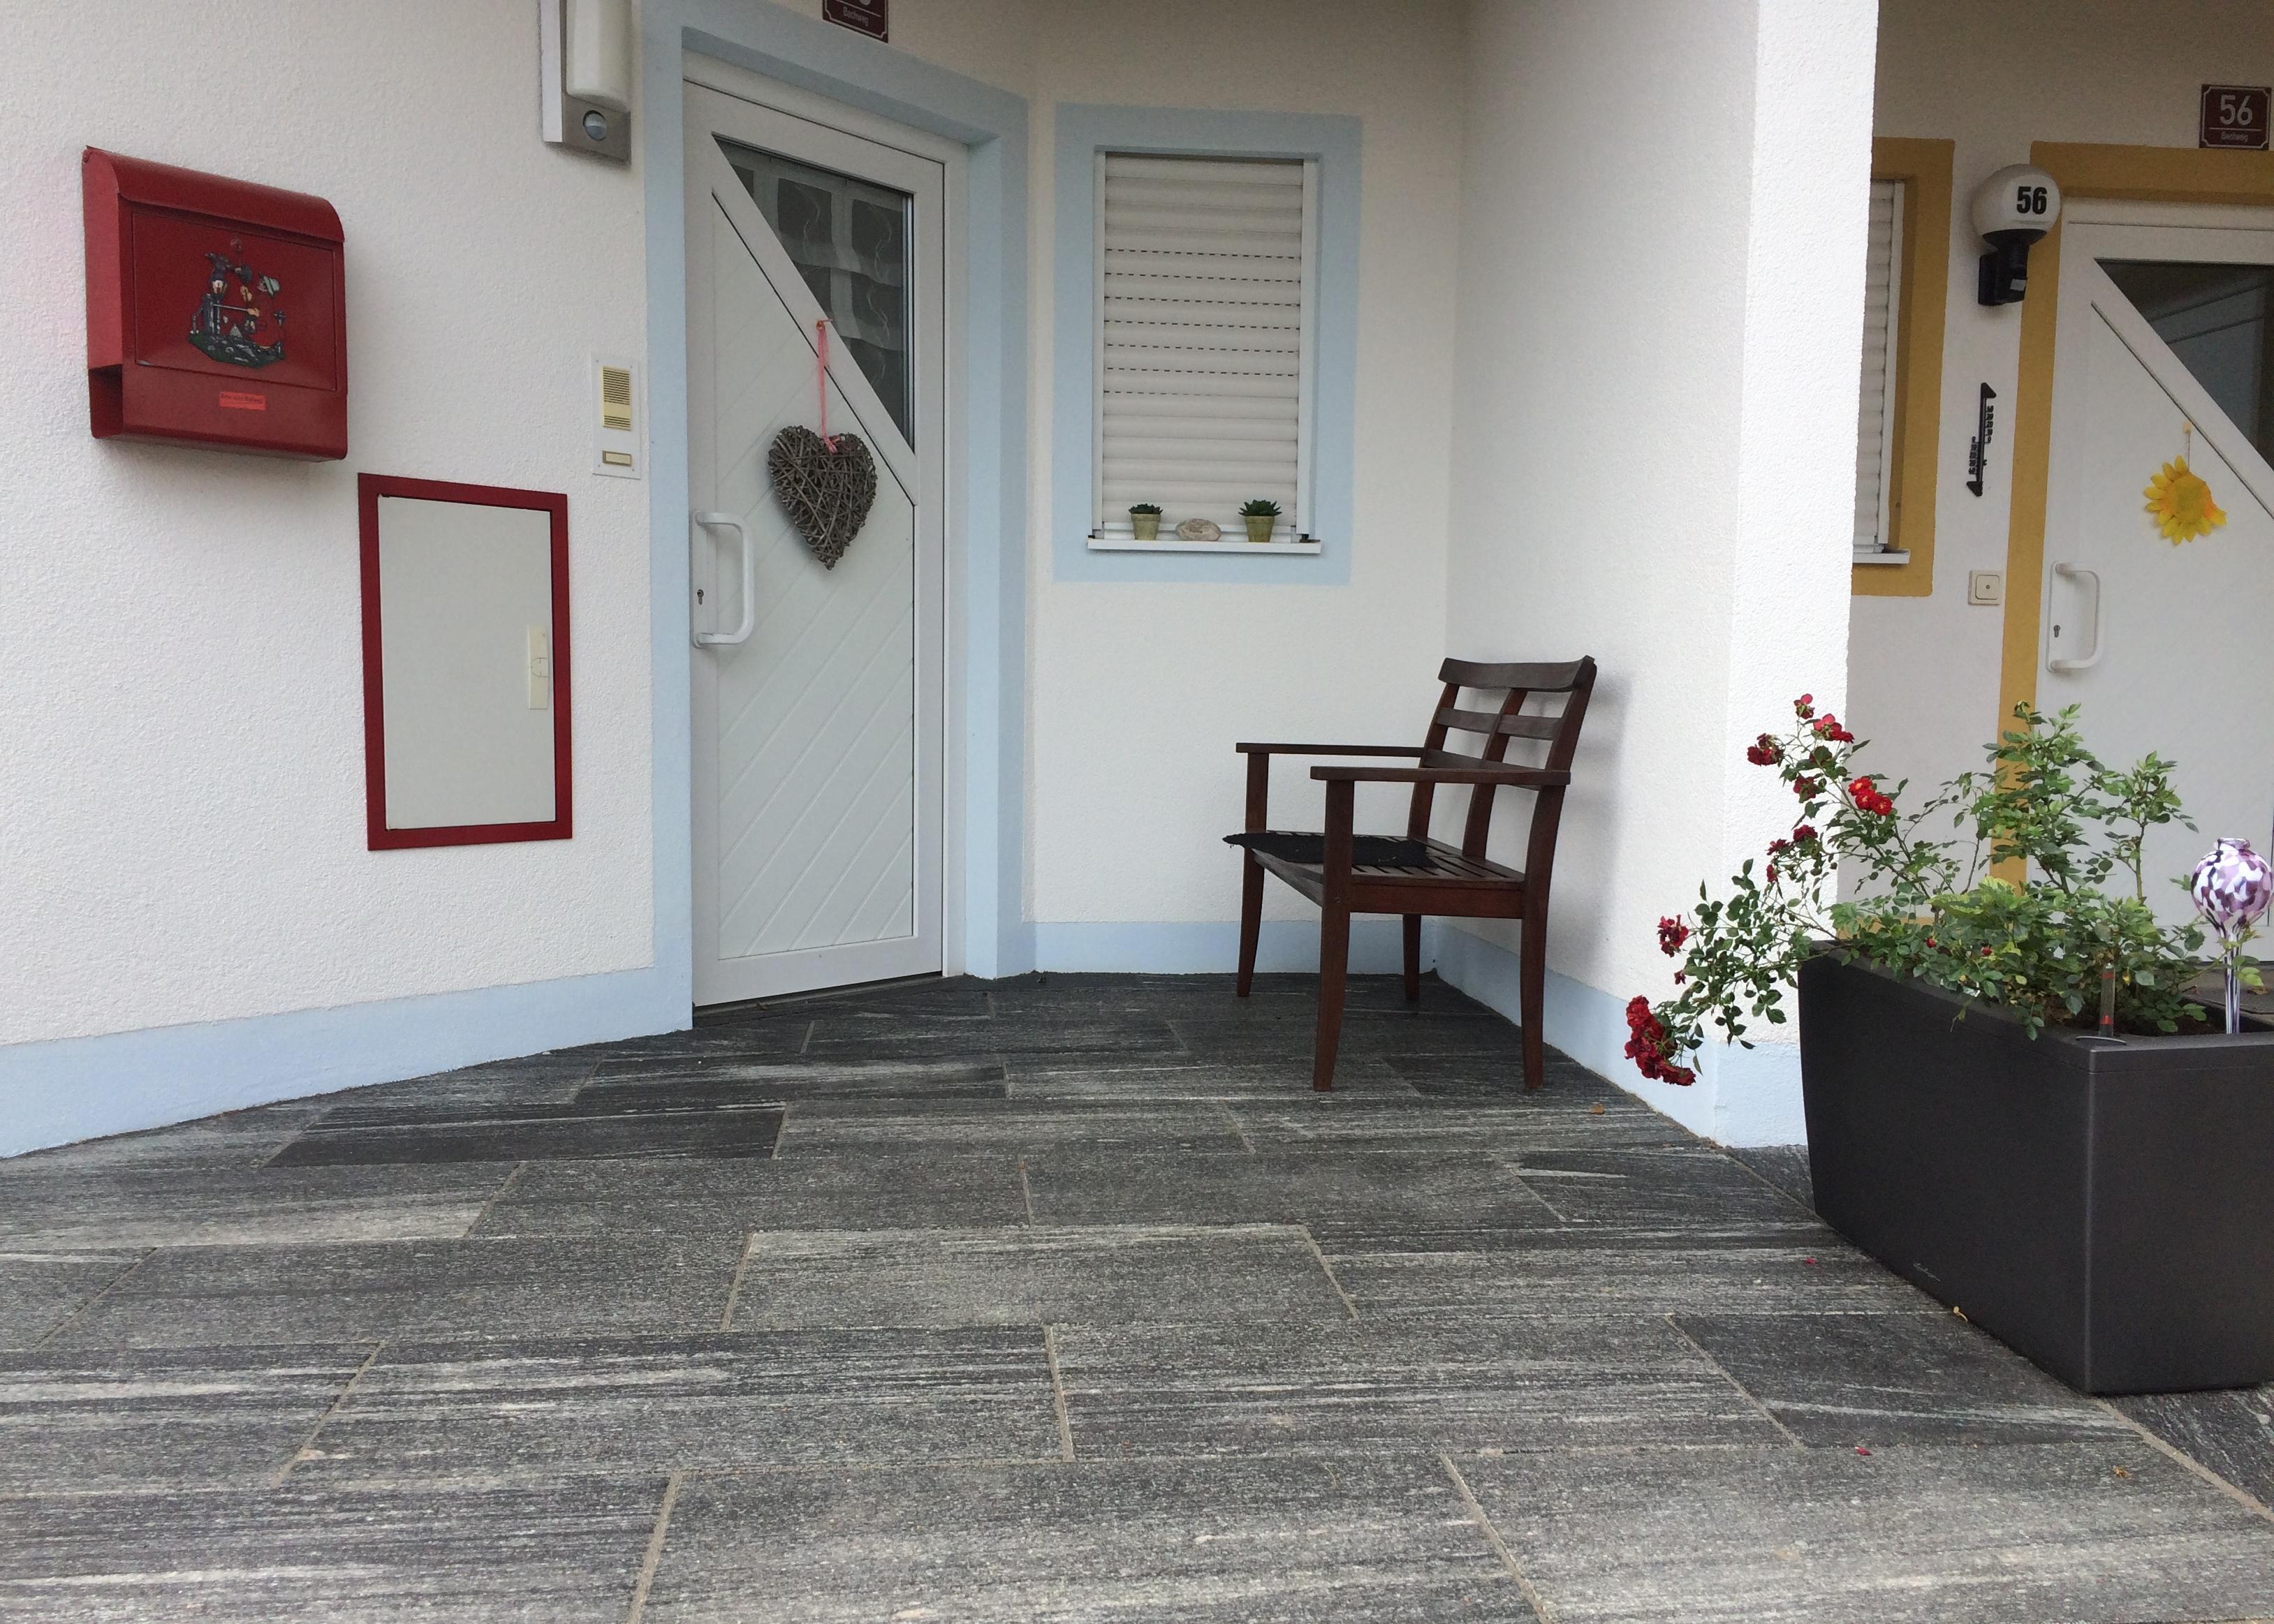 Eingangsbereich mit Gneisplatten